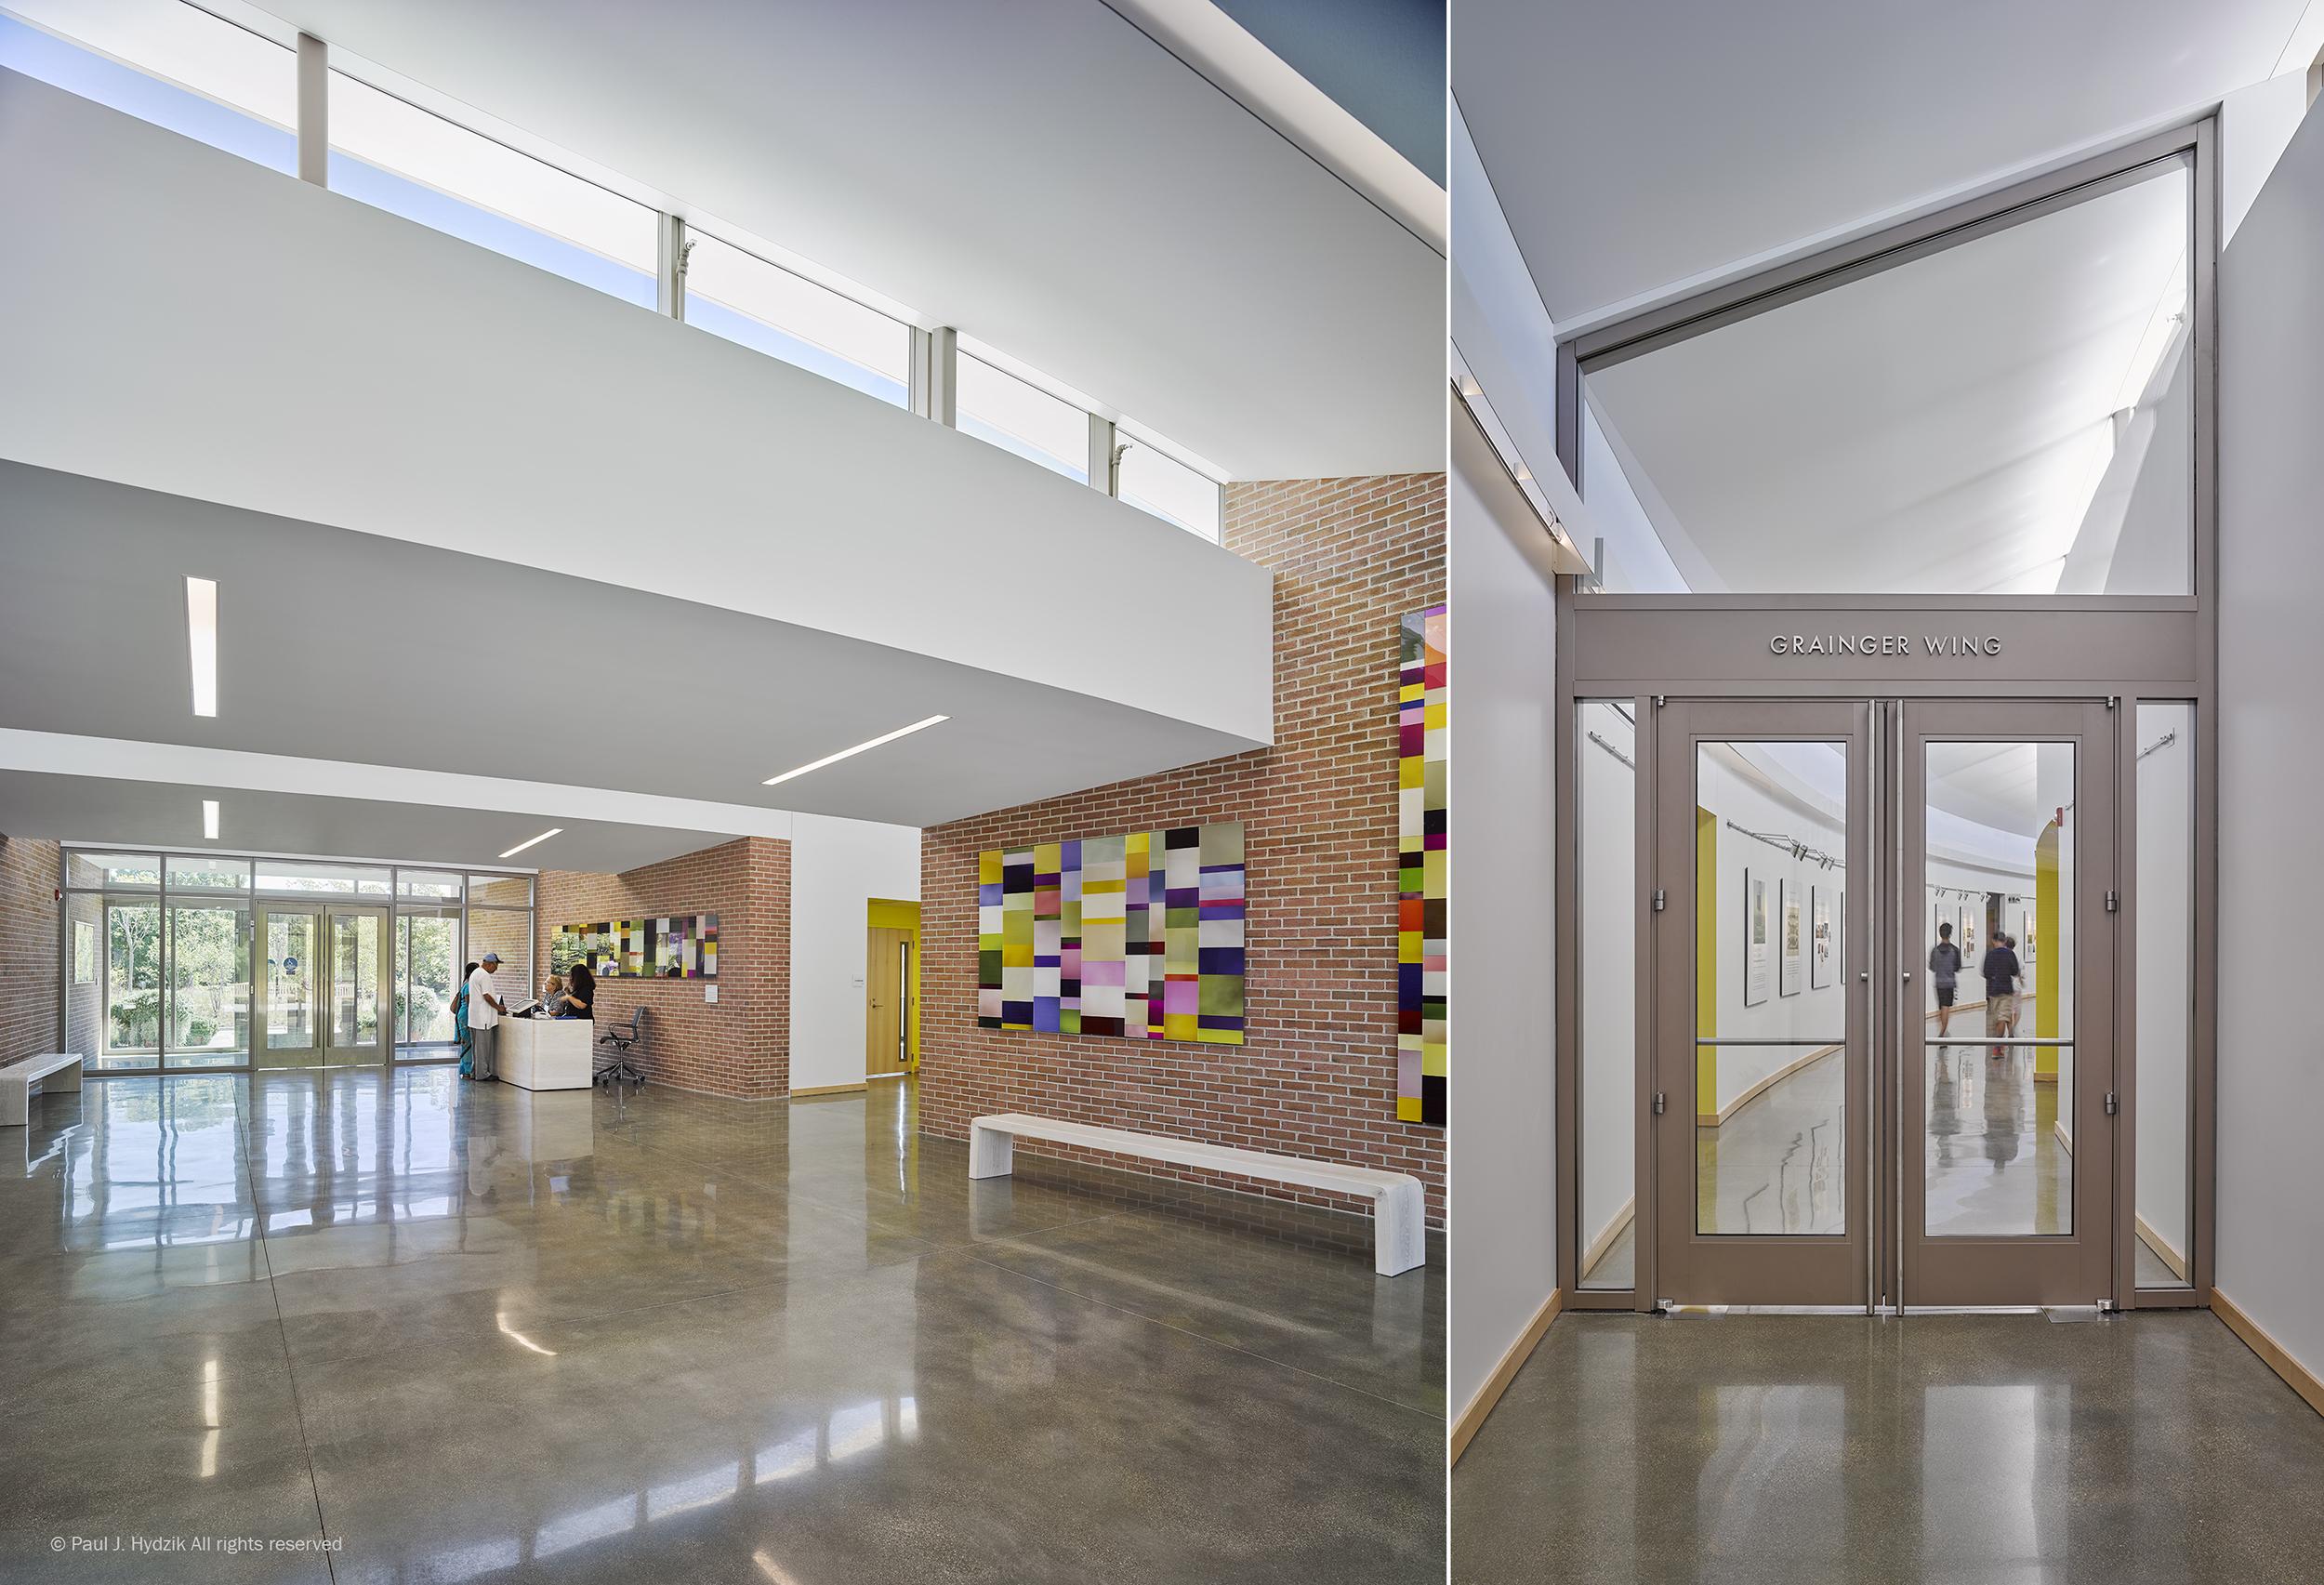 Regenstein Learning Center